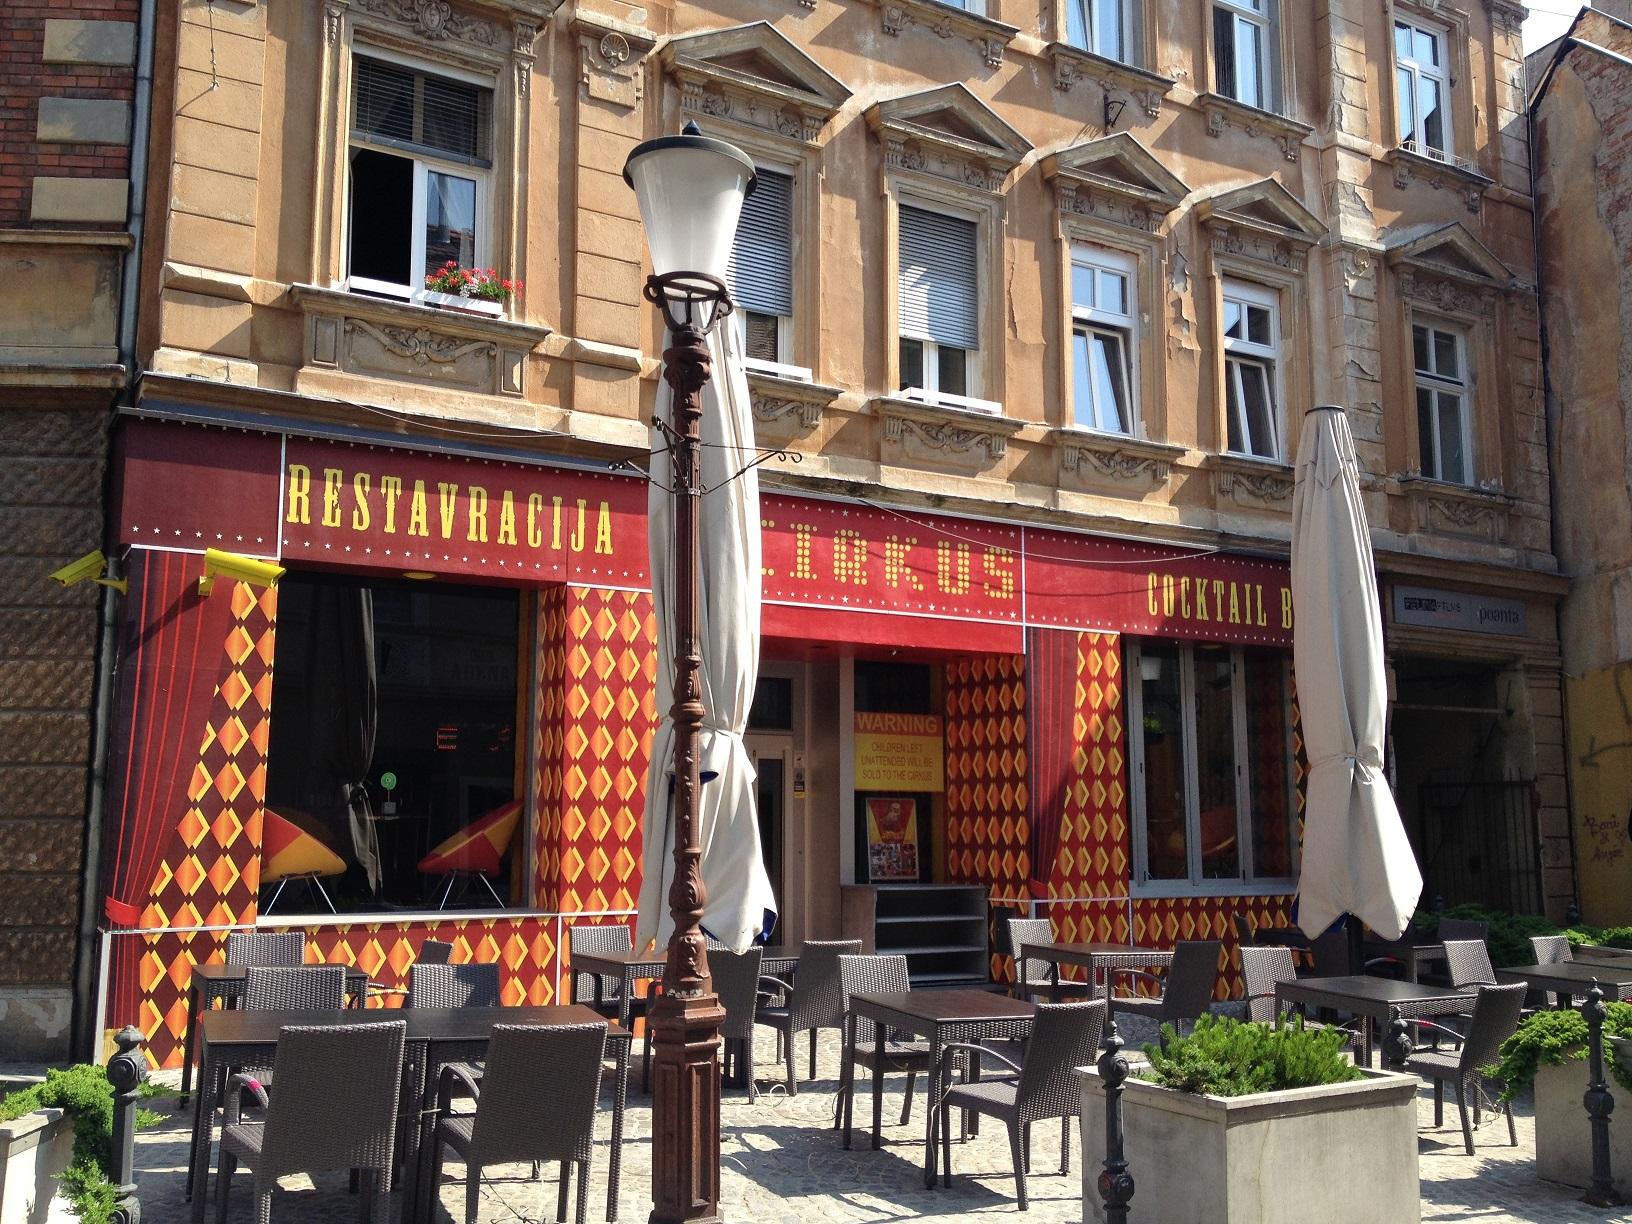 centre-ville ljubljana 1